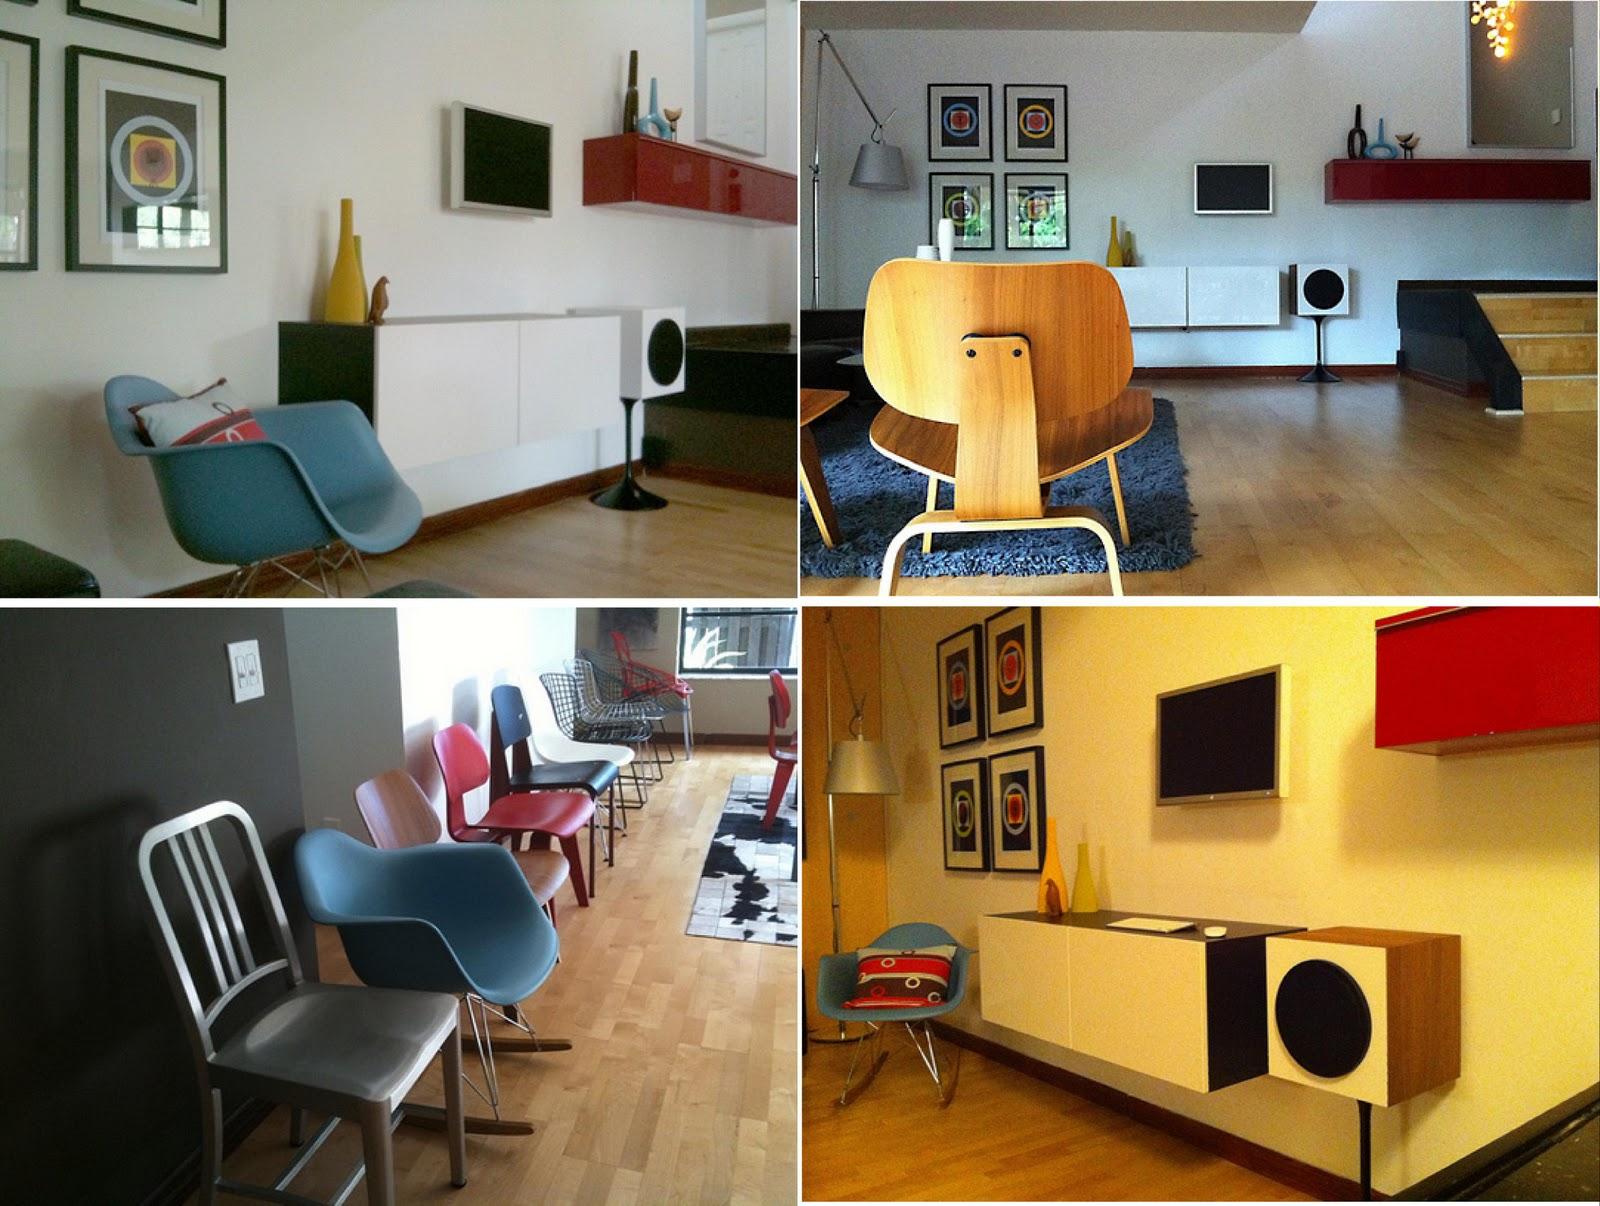 La casa modernista de joel deco for Casa y diseno muebles